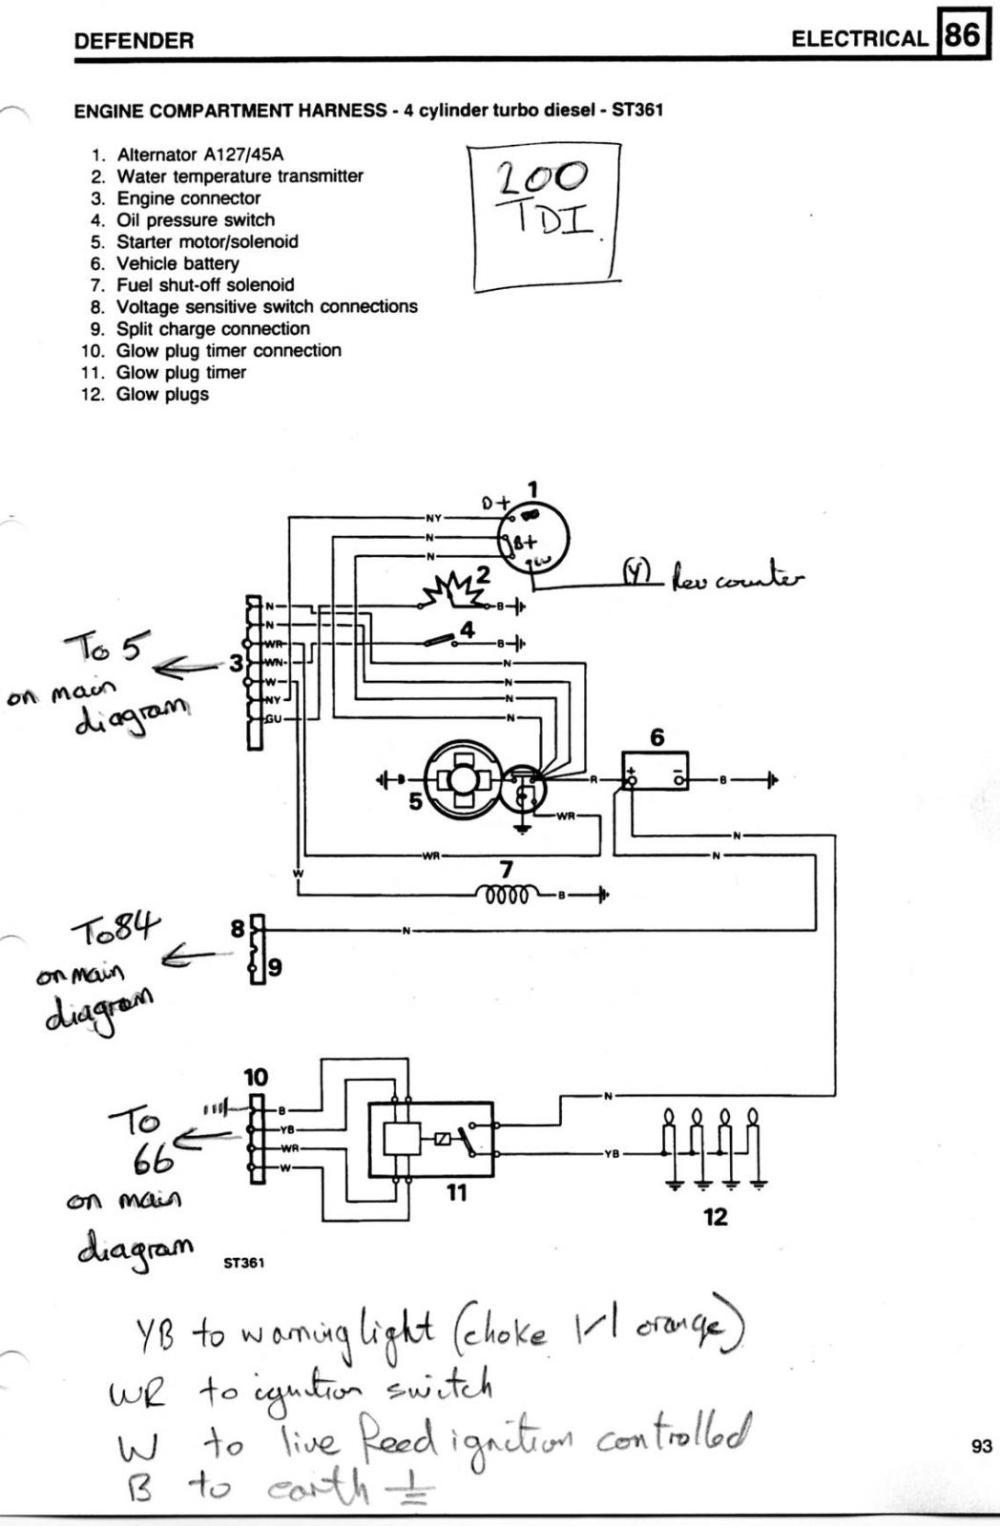 Land Rover Starter Motor Wiring Diagram - Wiring Schematics on